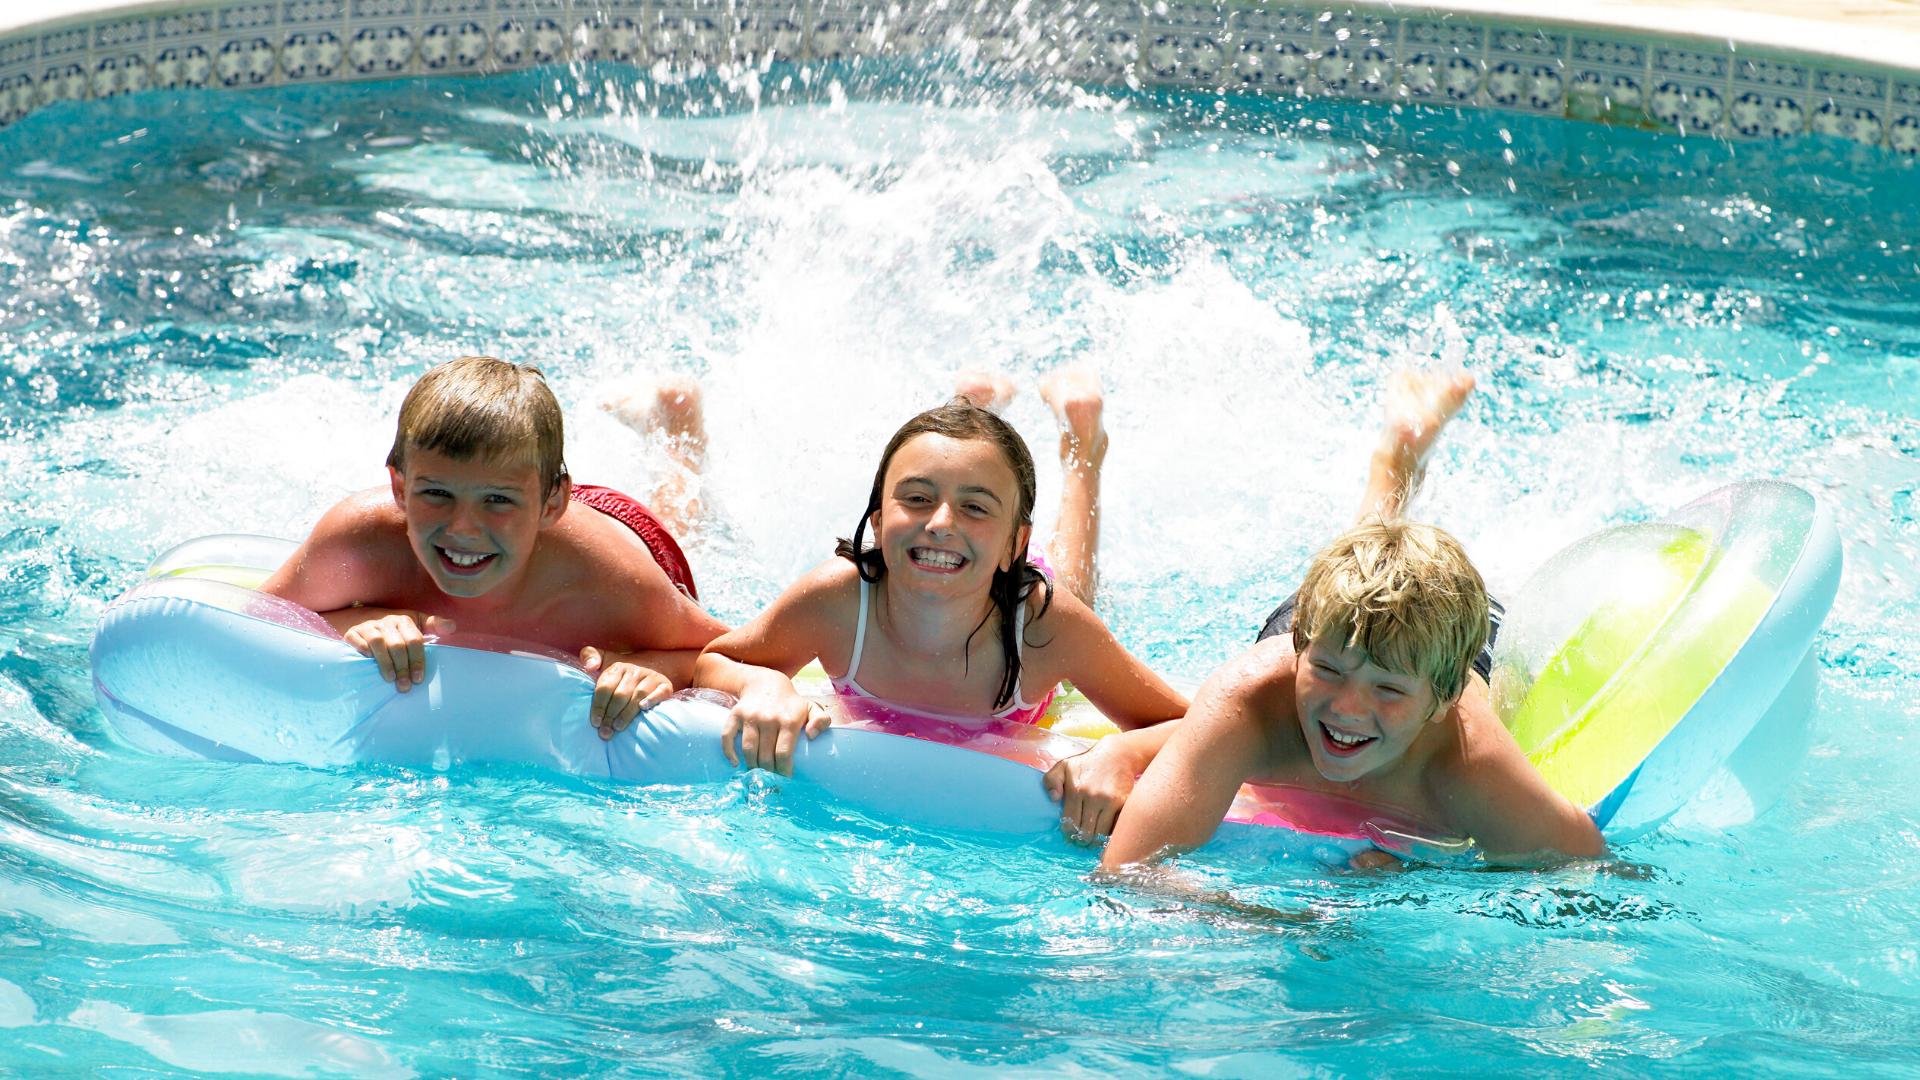 jeux-piscine-party-enfants